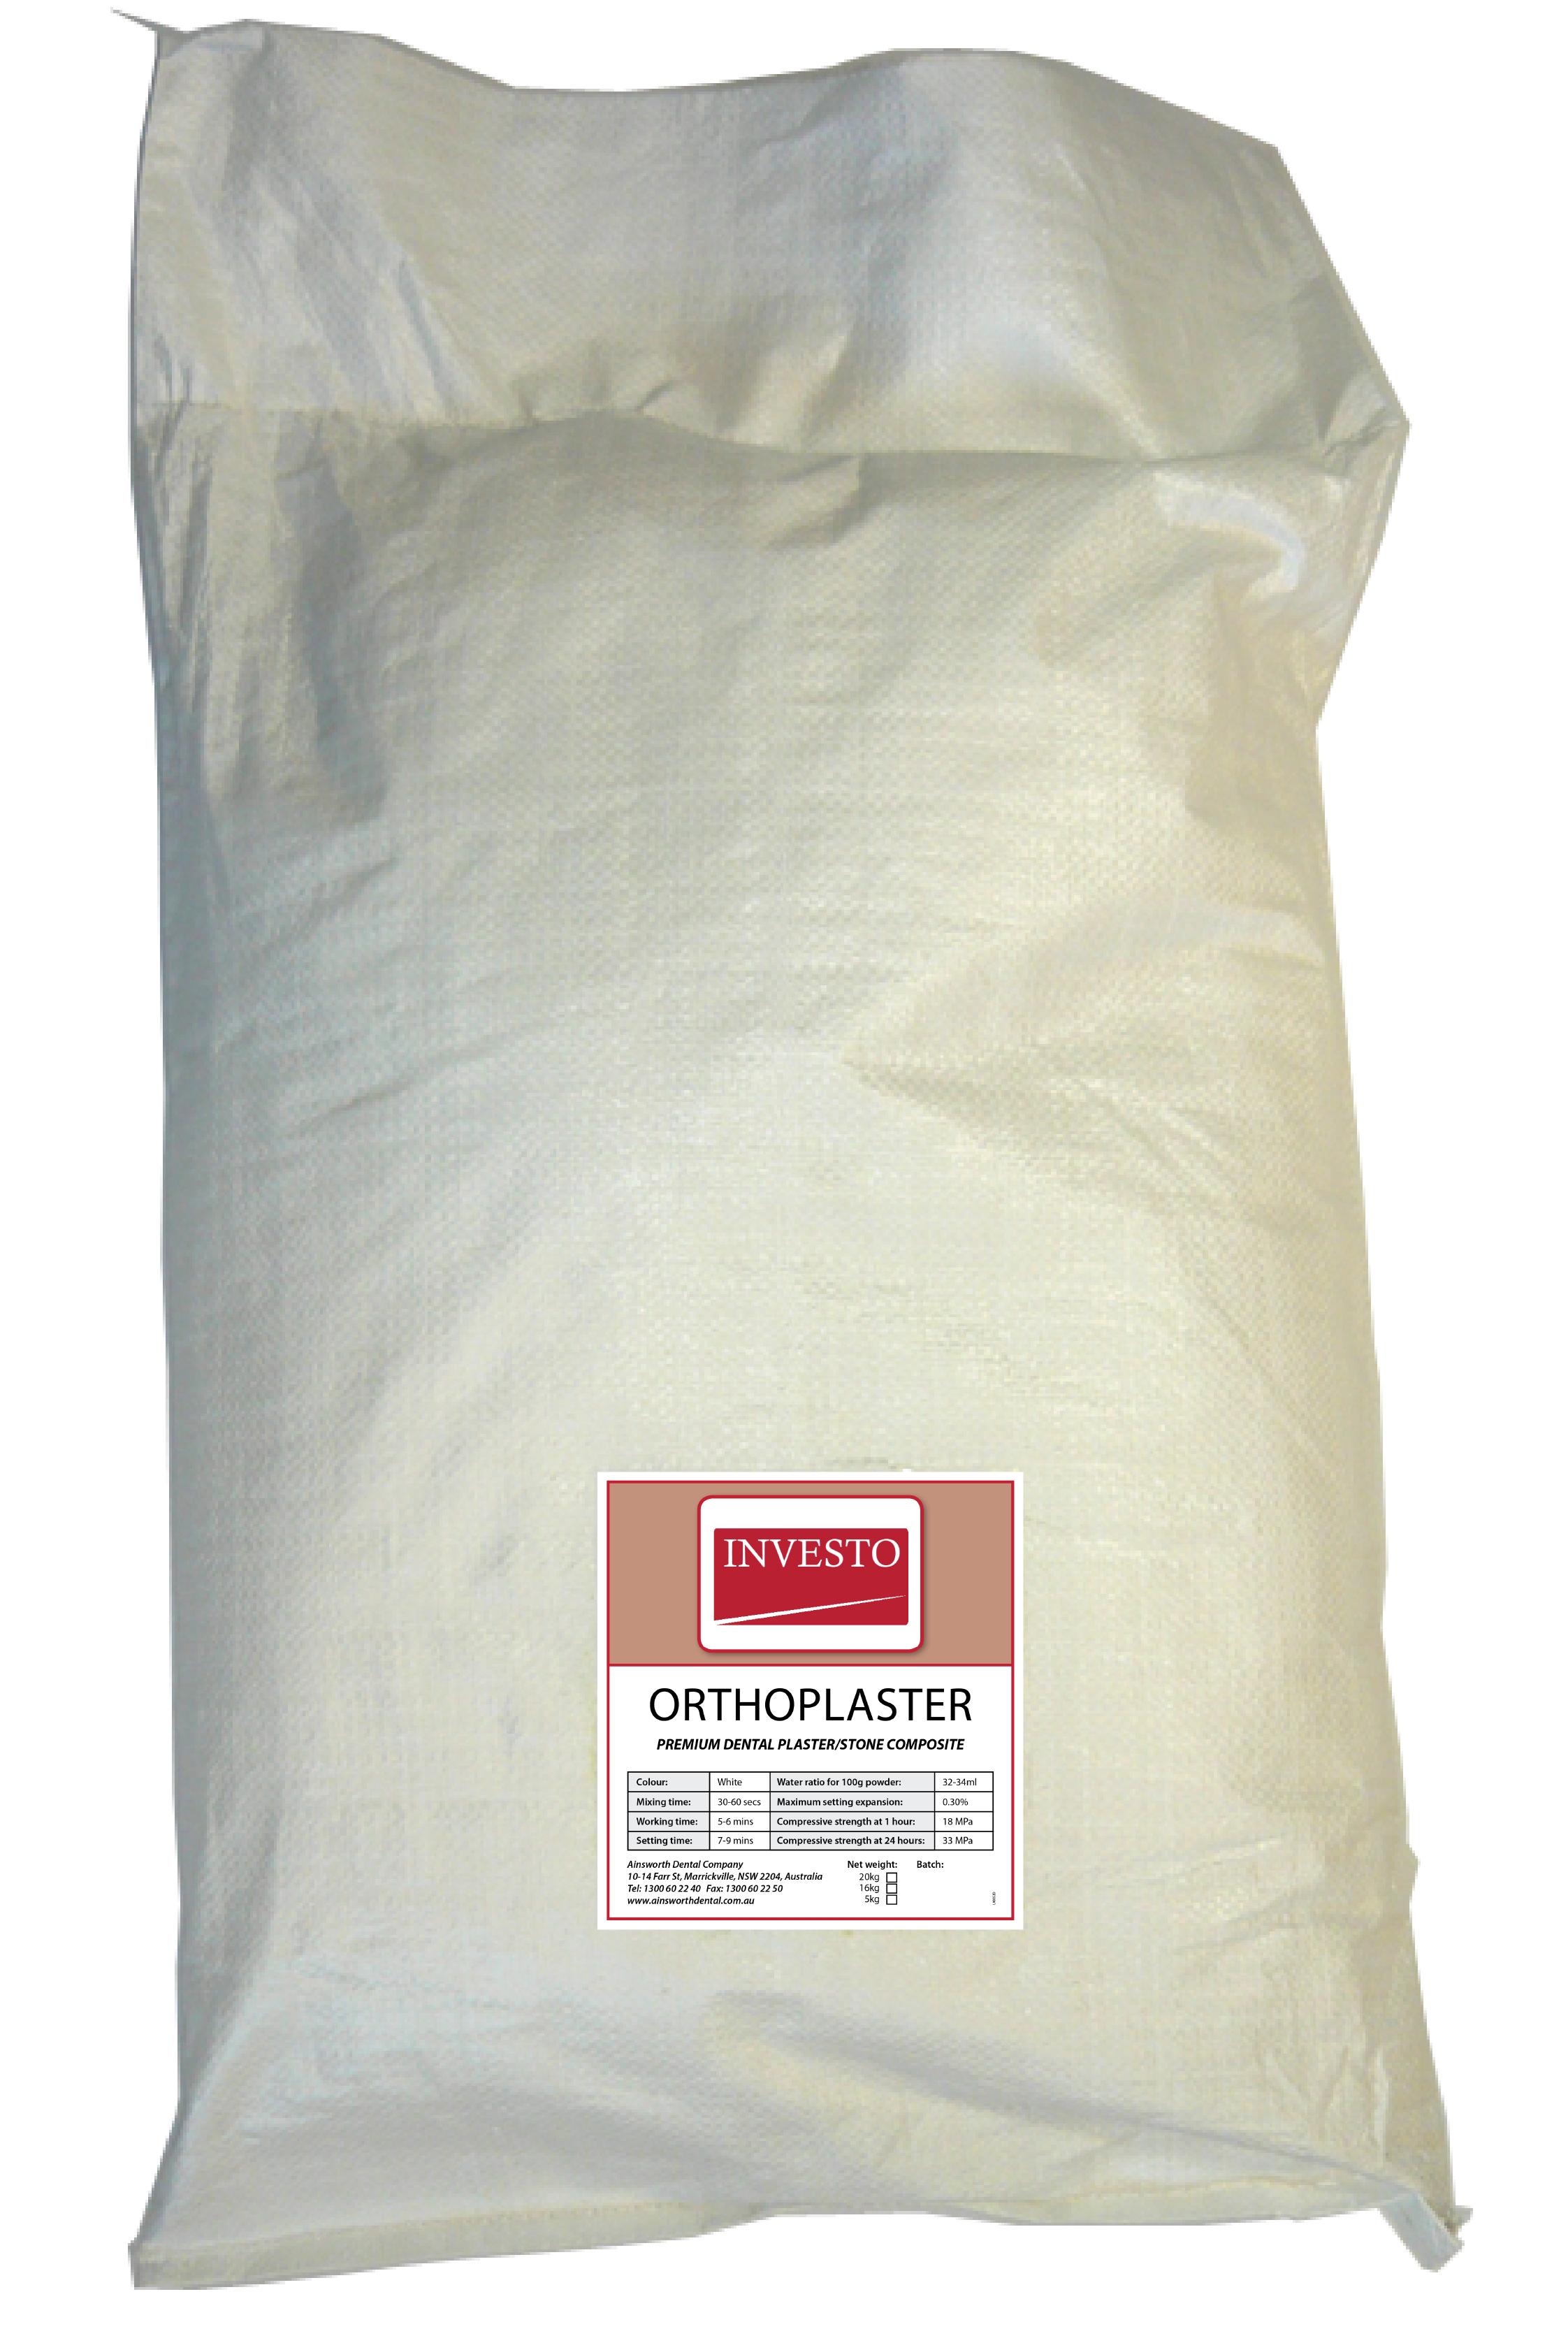 Investo Ortho Plaster 20kg Bag